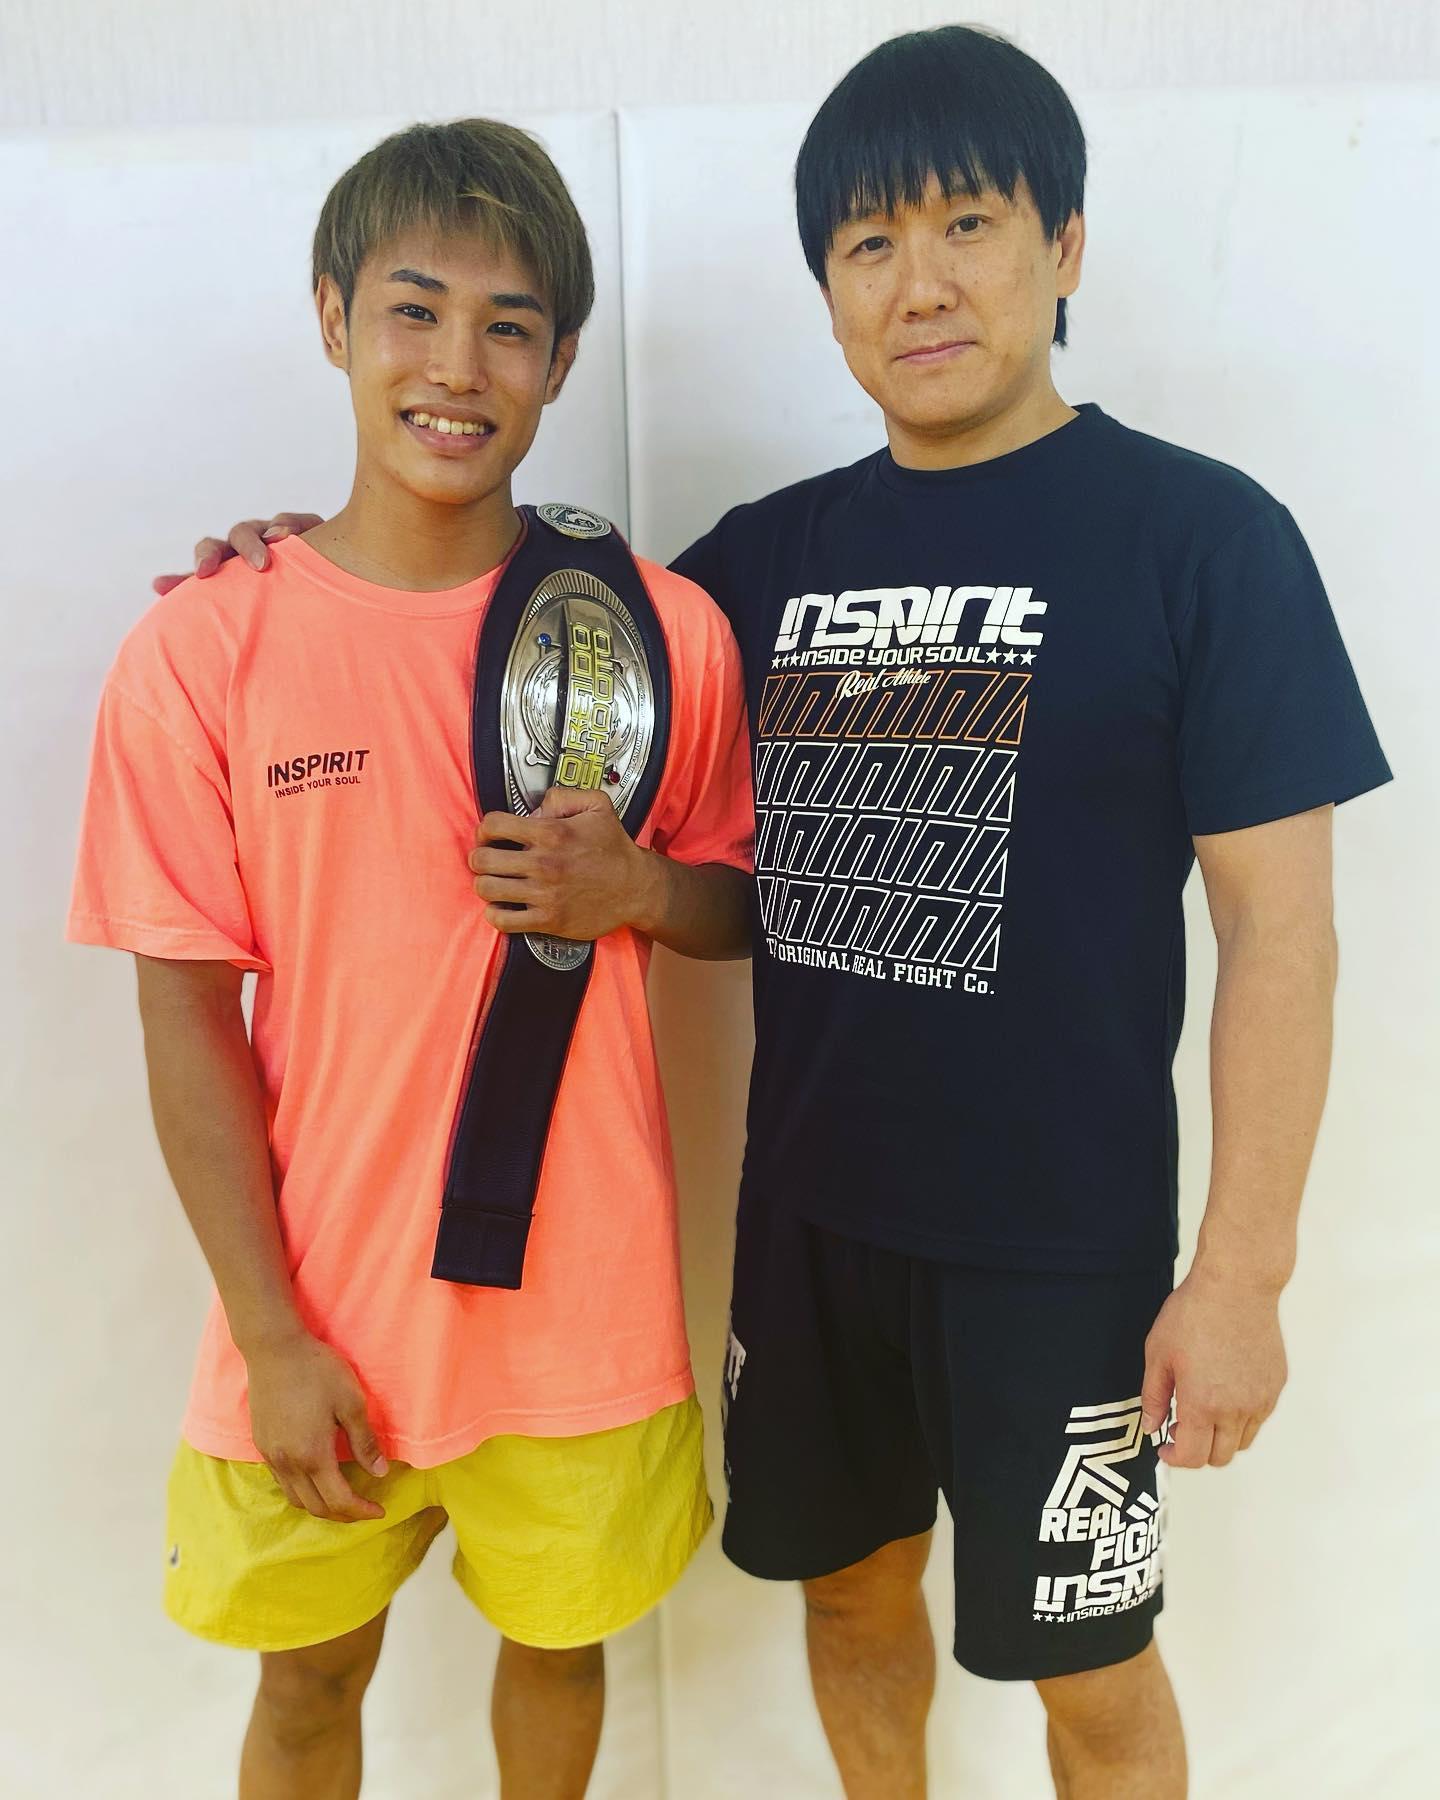 平良達郎修斗世界フライ級チャンピオン戴冠Greeting #9鶴屋浩さん(パラエストラ千葉ネットワーク)言わずと知れた我等が師匠、日本MMA界の名インストラクター鶴屋さん。鶴屋さんの側にはいつも修斗のチャンピオンベルトがあります。Tsuruya Hiroshi Entertainmentは永遠に不滅也。#パラエストラ千葉ネットワーク#Theパラエストラ沖縄#shooto0704#平良達郎#insprit#パラエストラ #沖縄 #那覇 #与儀 #MMA #shooto #コザ #総合格闘技 #修斗 #キックボクシング #柔術 #jiujitsu #ダイエット